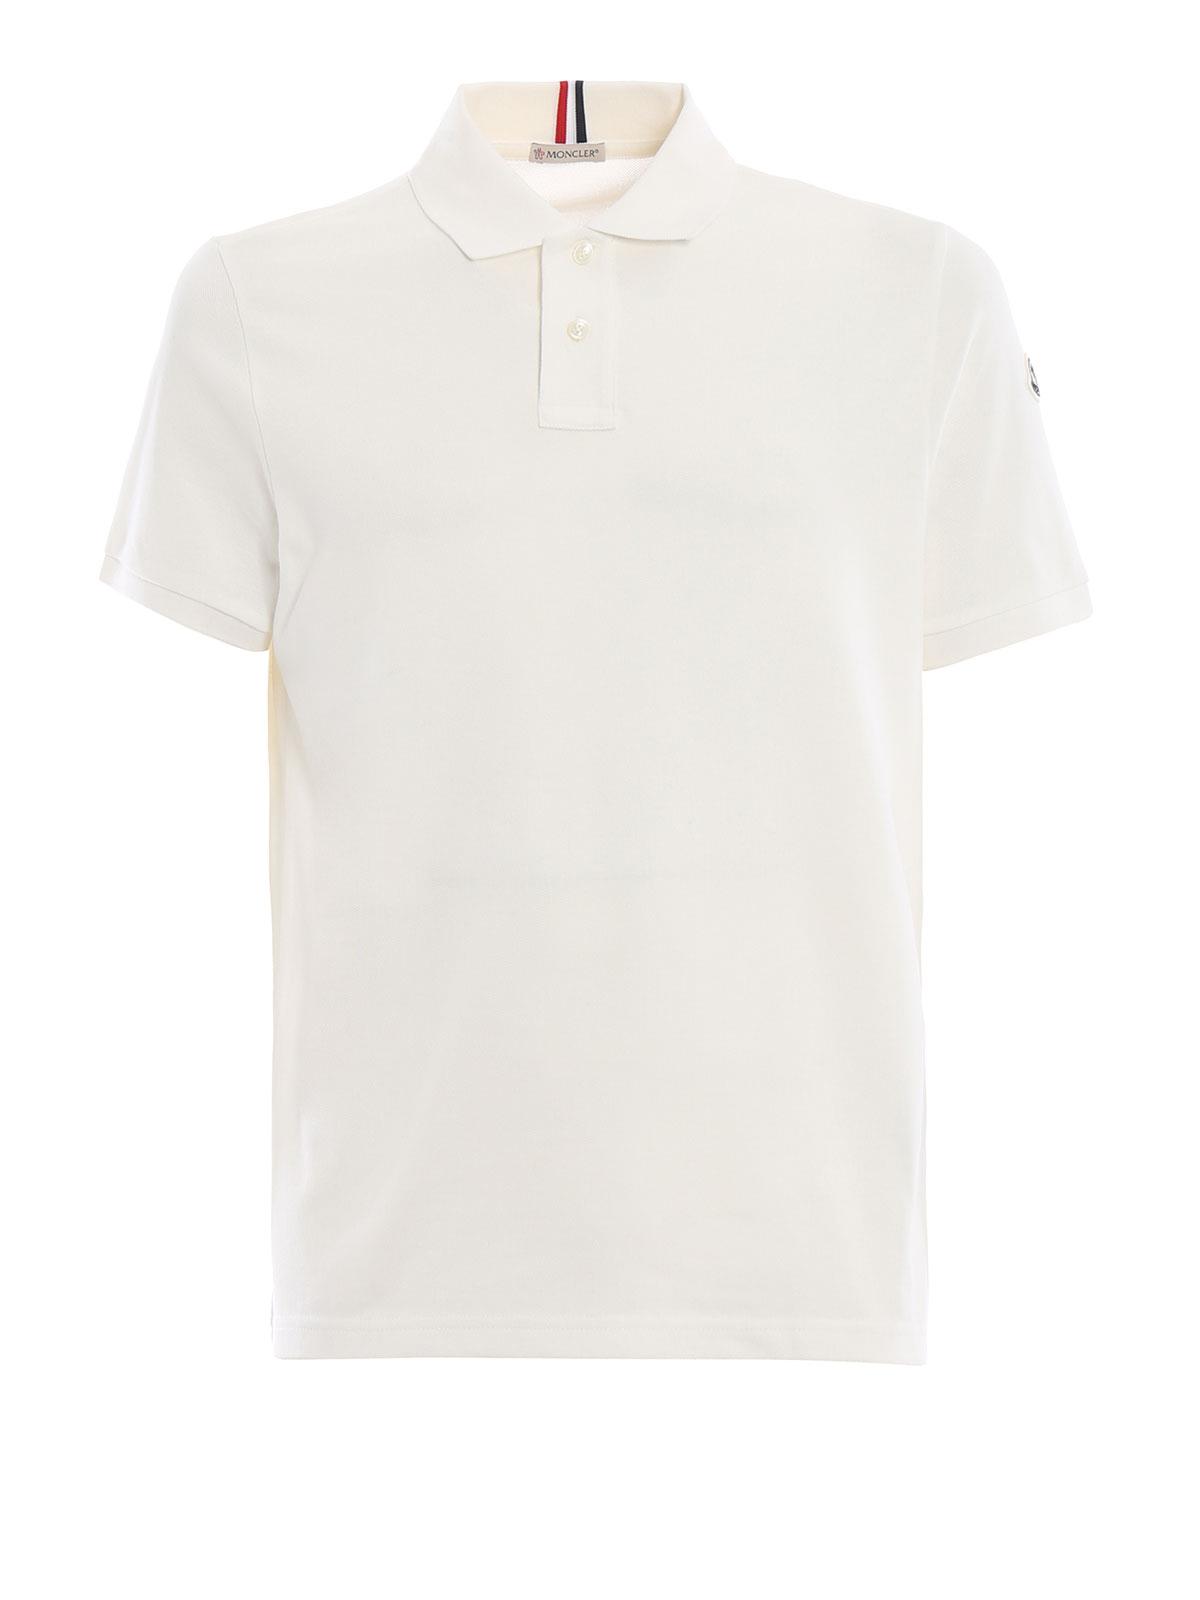 moncler white top